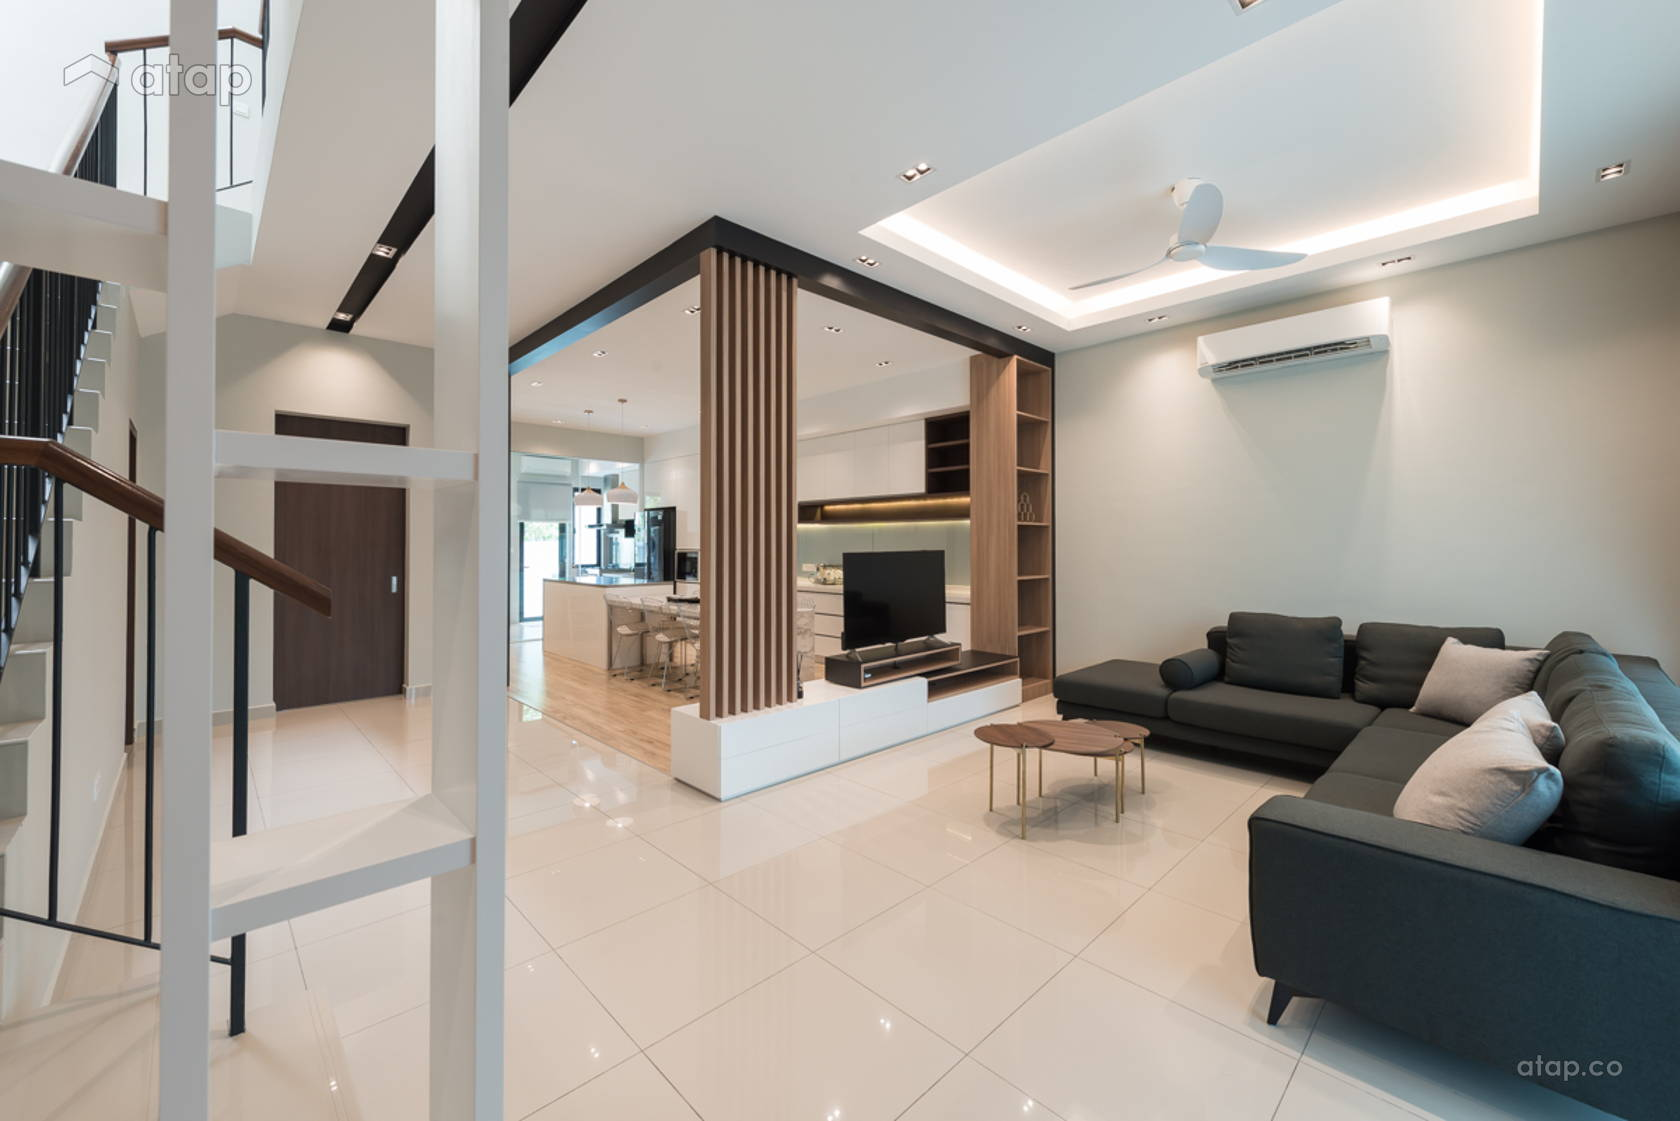 Inspirational Living Room Ideas - Living Room Design ...